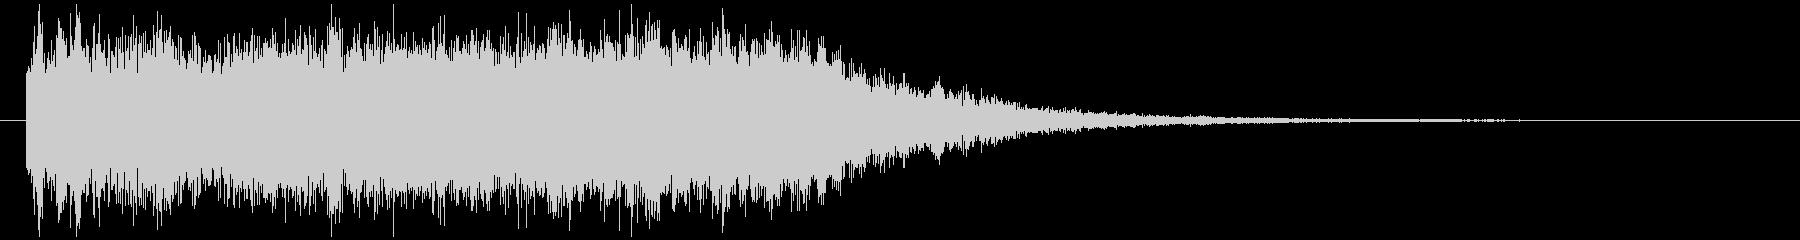 シンセ音メインの場面転換ジングルの未再生の波形